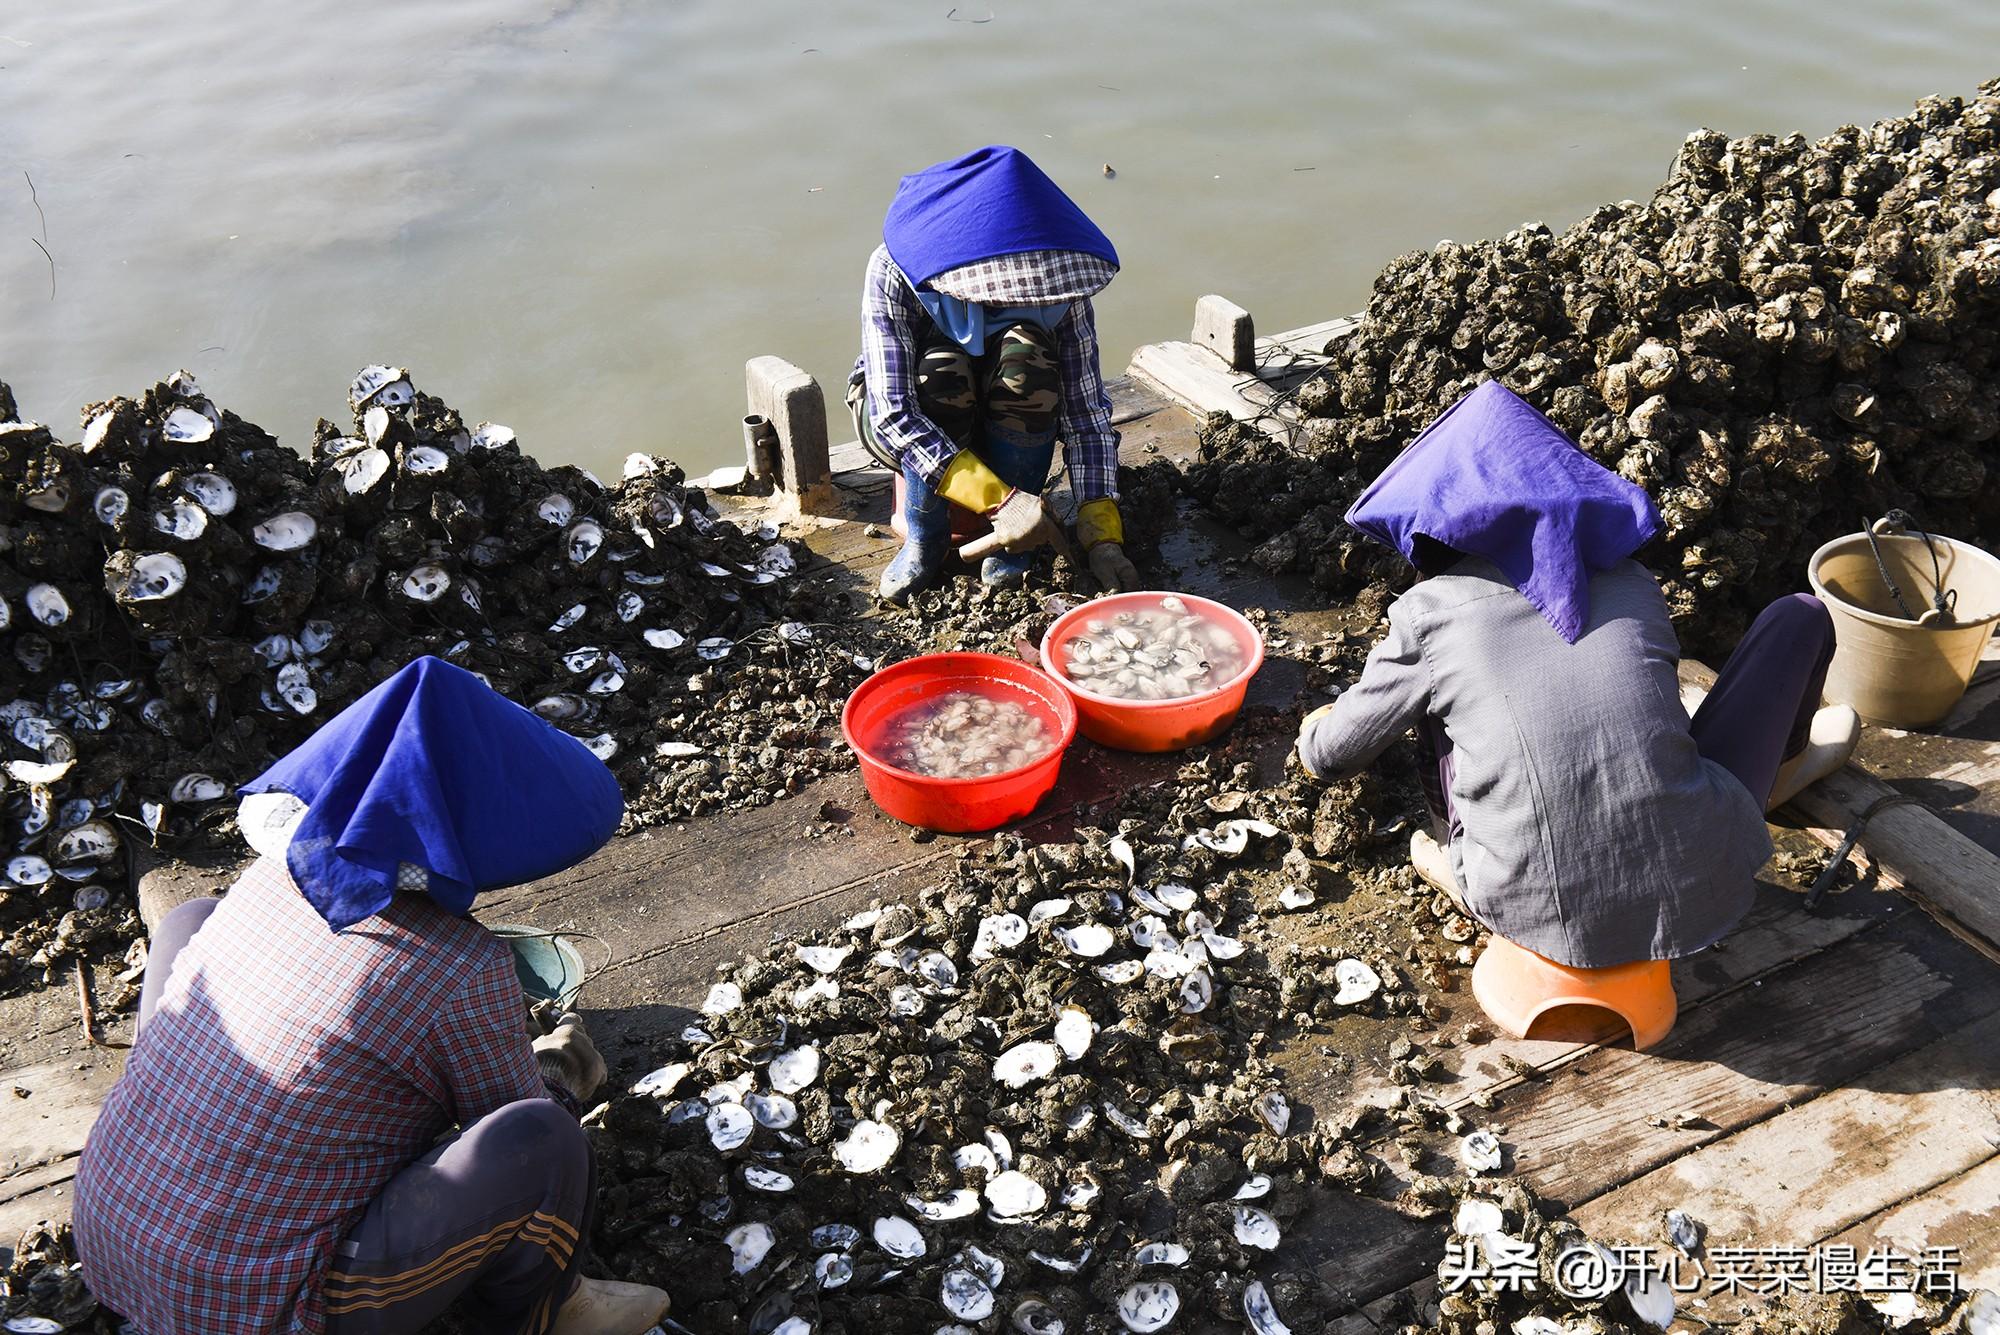 广东知名生蚝网红村,年产值达到10多亿,有人却为它感到可惜?